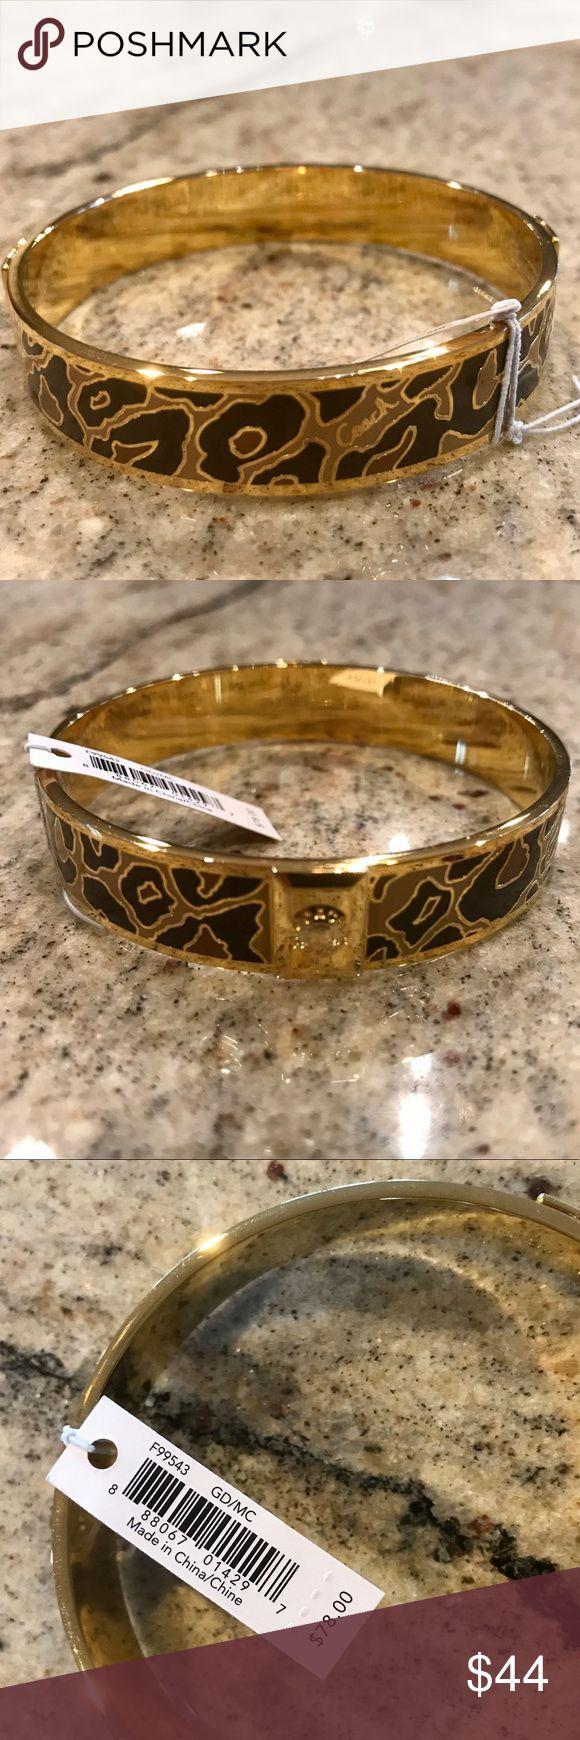 Coach gold ocelot bracelet Coach gold plated metal enamel ocelot bracelet NWT Coach Jewelry Bracelets